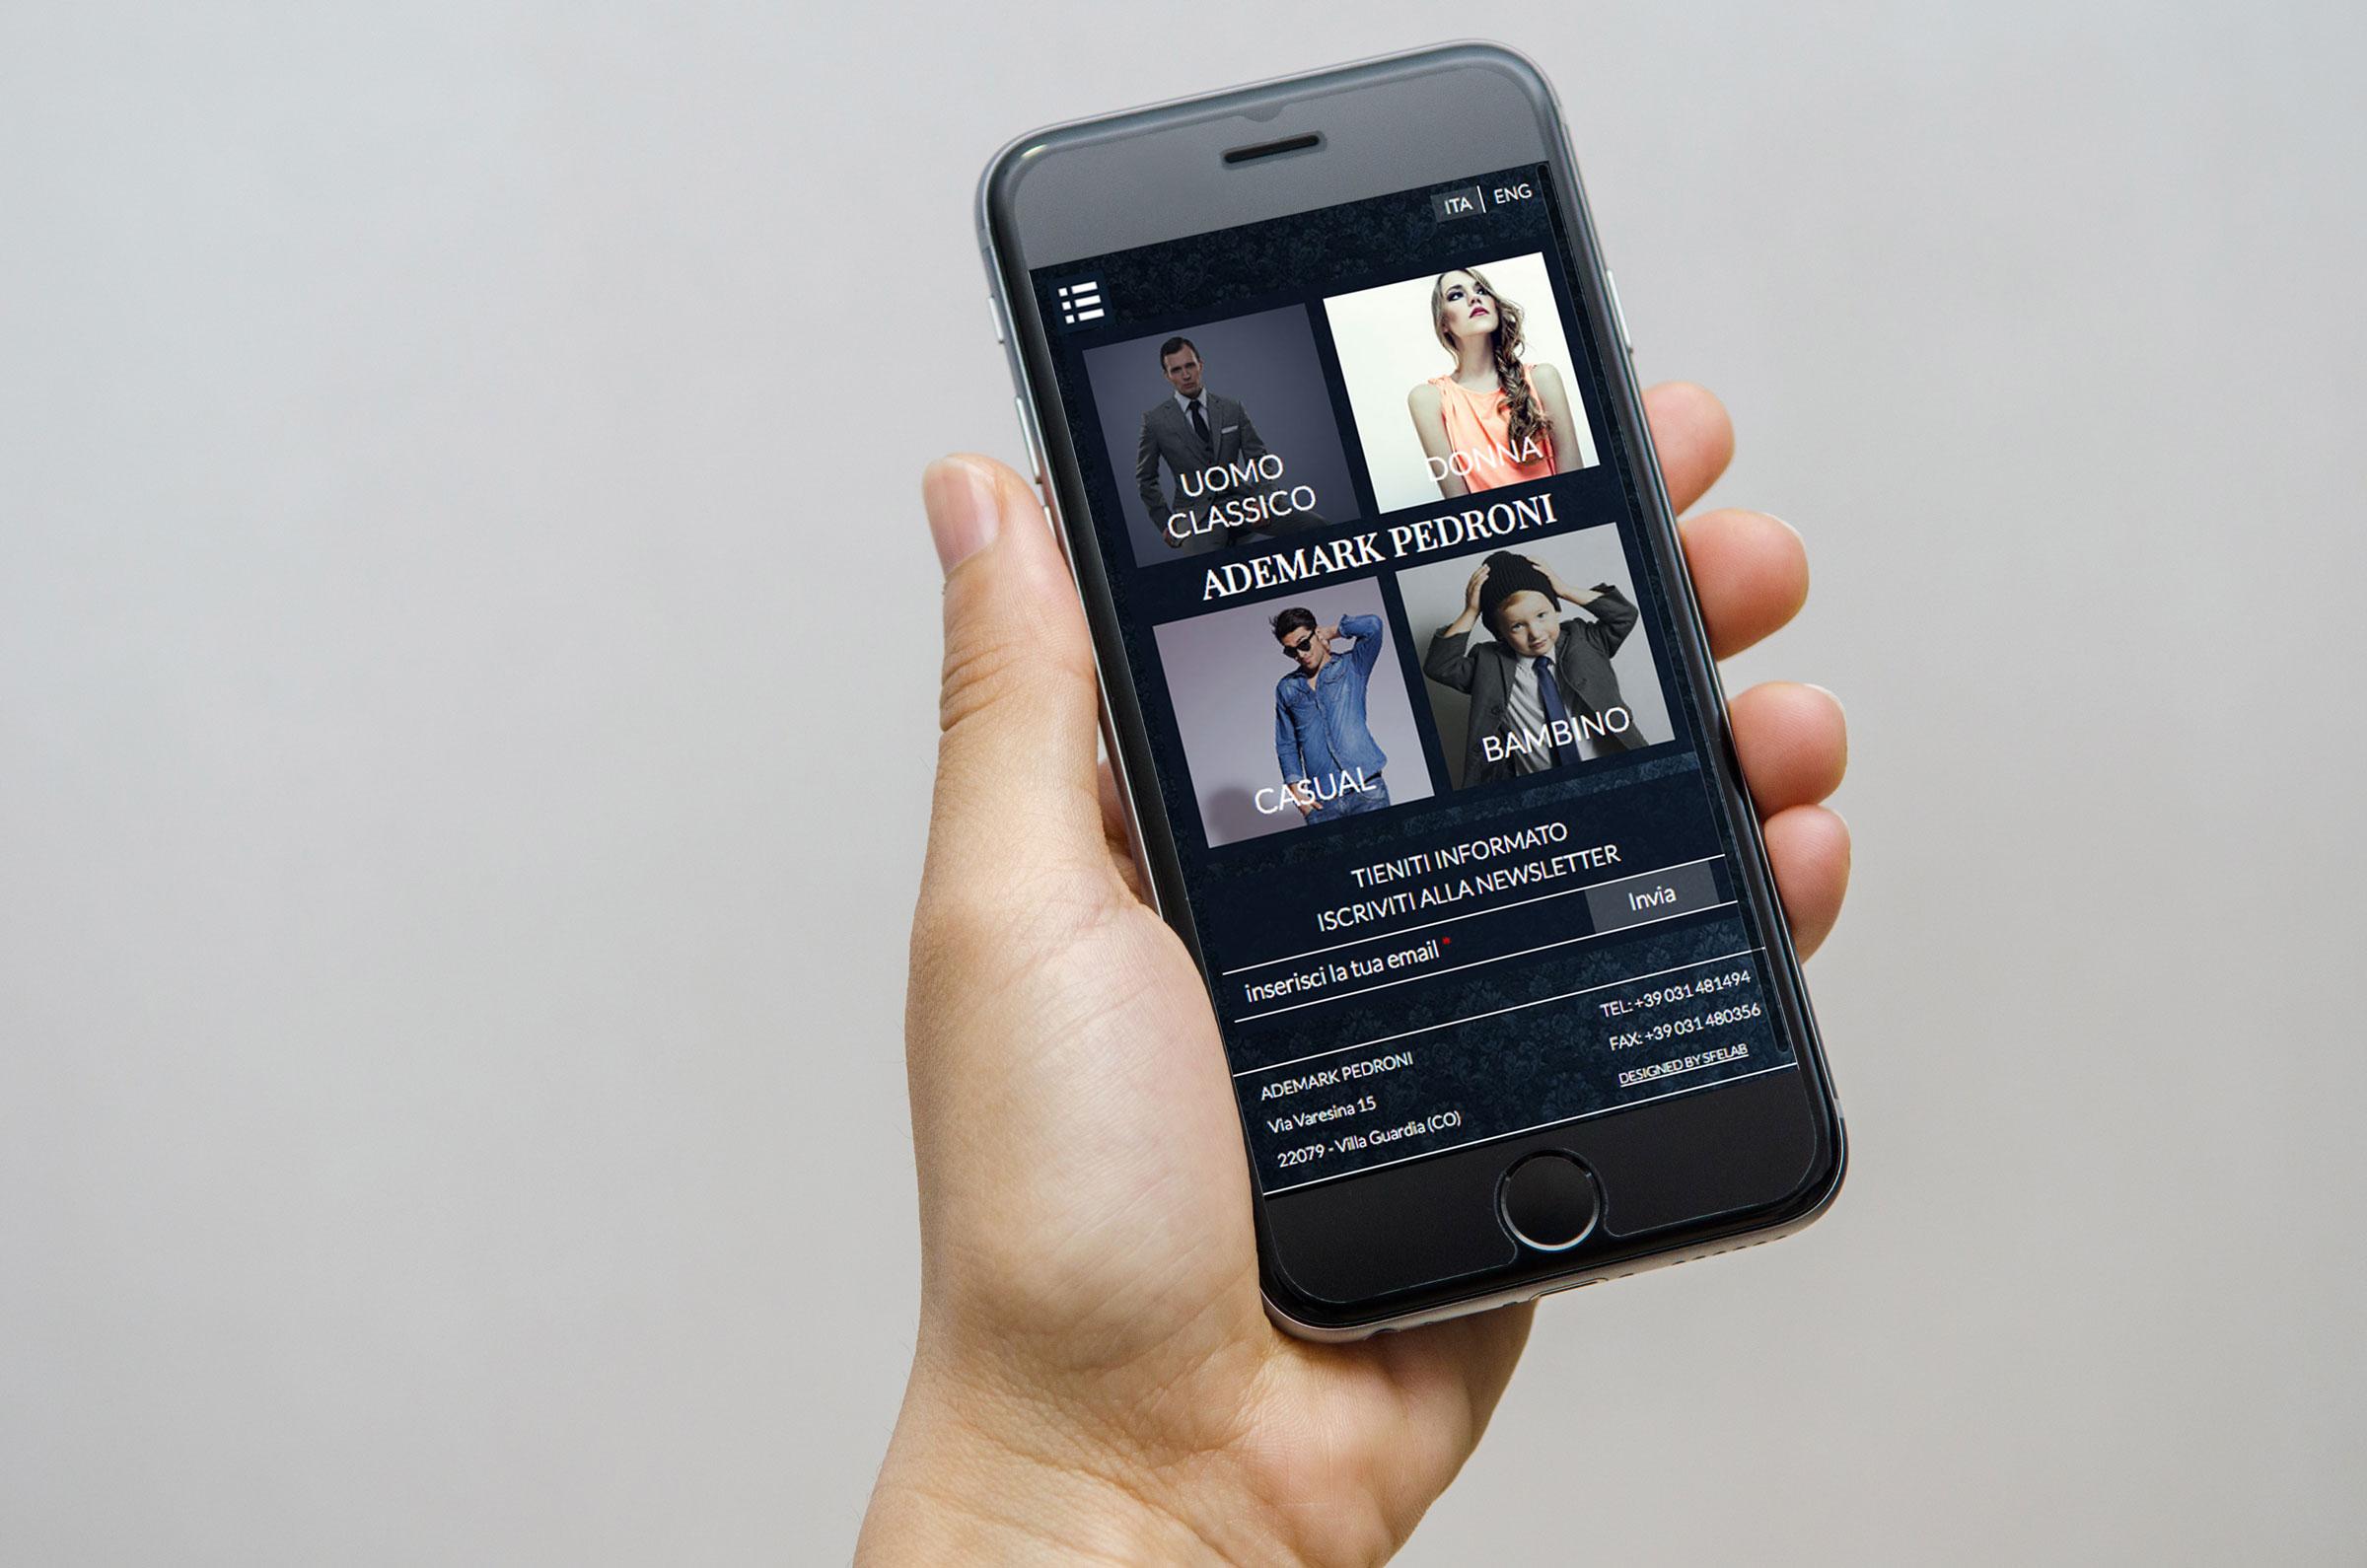 portale web ecommerce ademark mobile